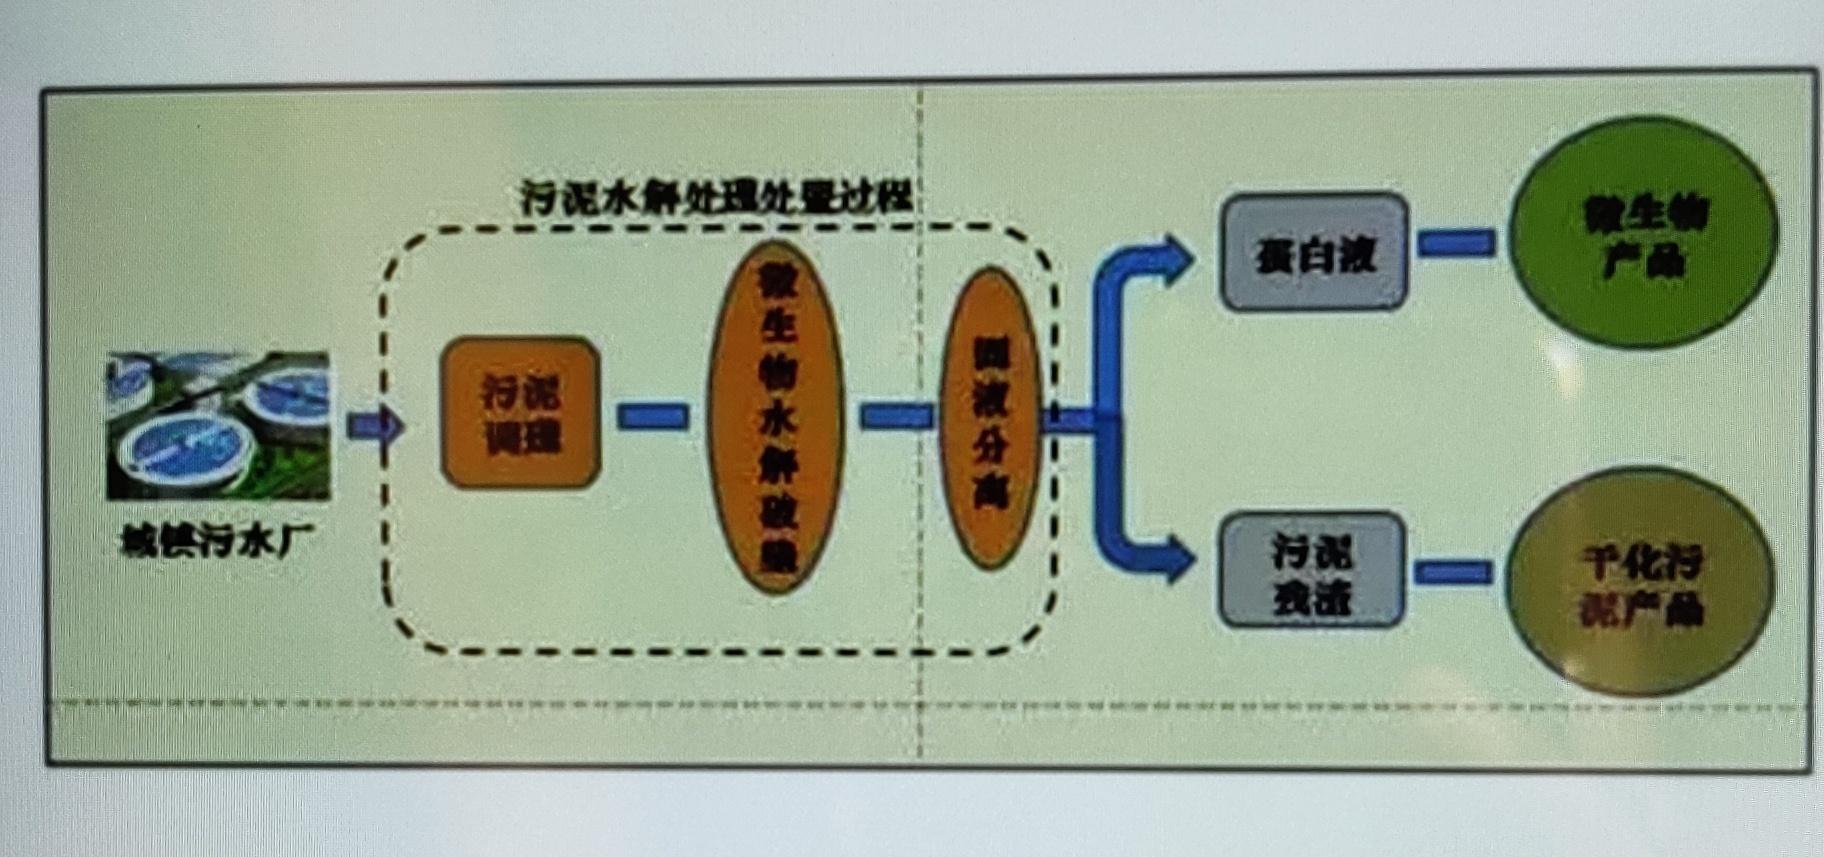 污水处理厂污泥处理五种新技术归纳总结